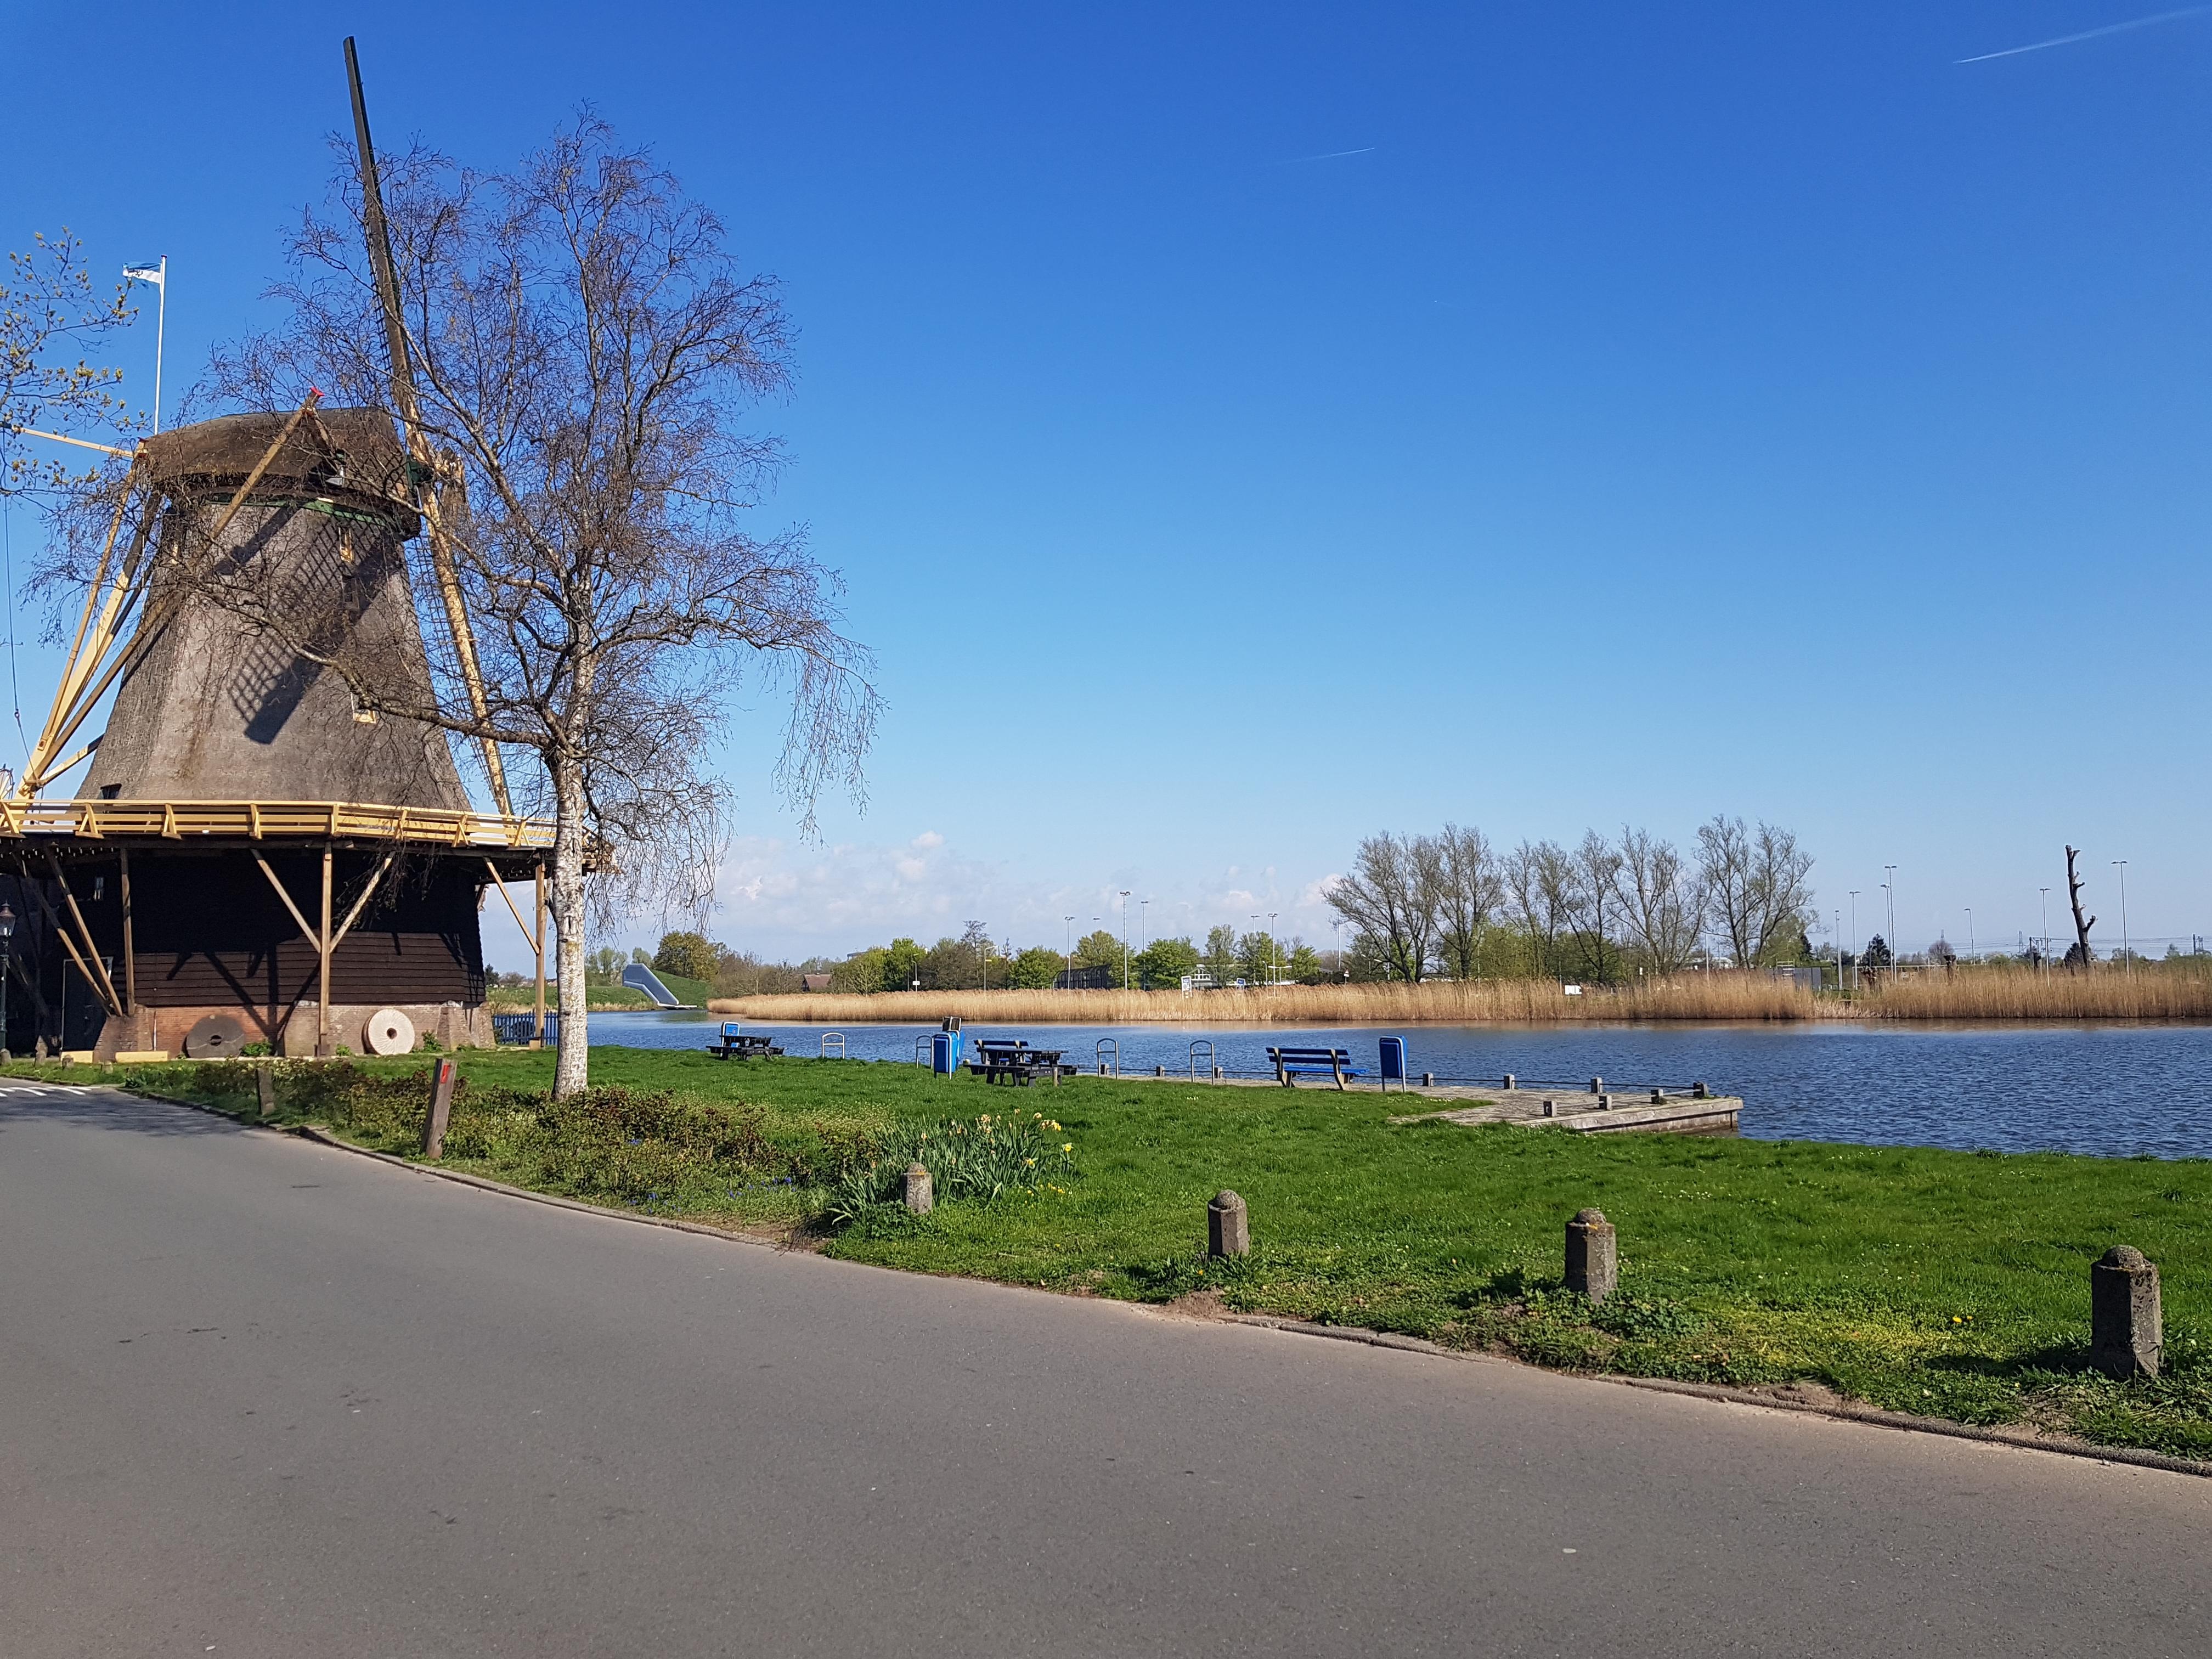 Prijsvraag in Weesp: 30.000 euro voor het idee dat de stad leuker maakt; inwoners kunnen stemmen op een nachtclub voor jongeren, een fitness-parkje, een écht cultureel centrum en witte verf om een brugdek af te koelen